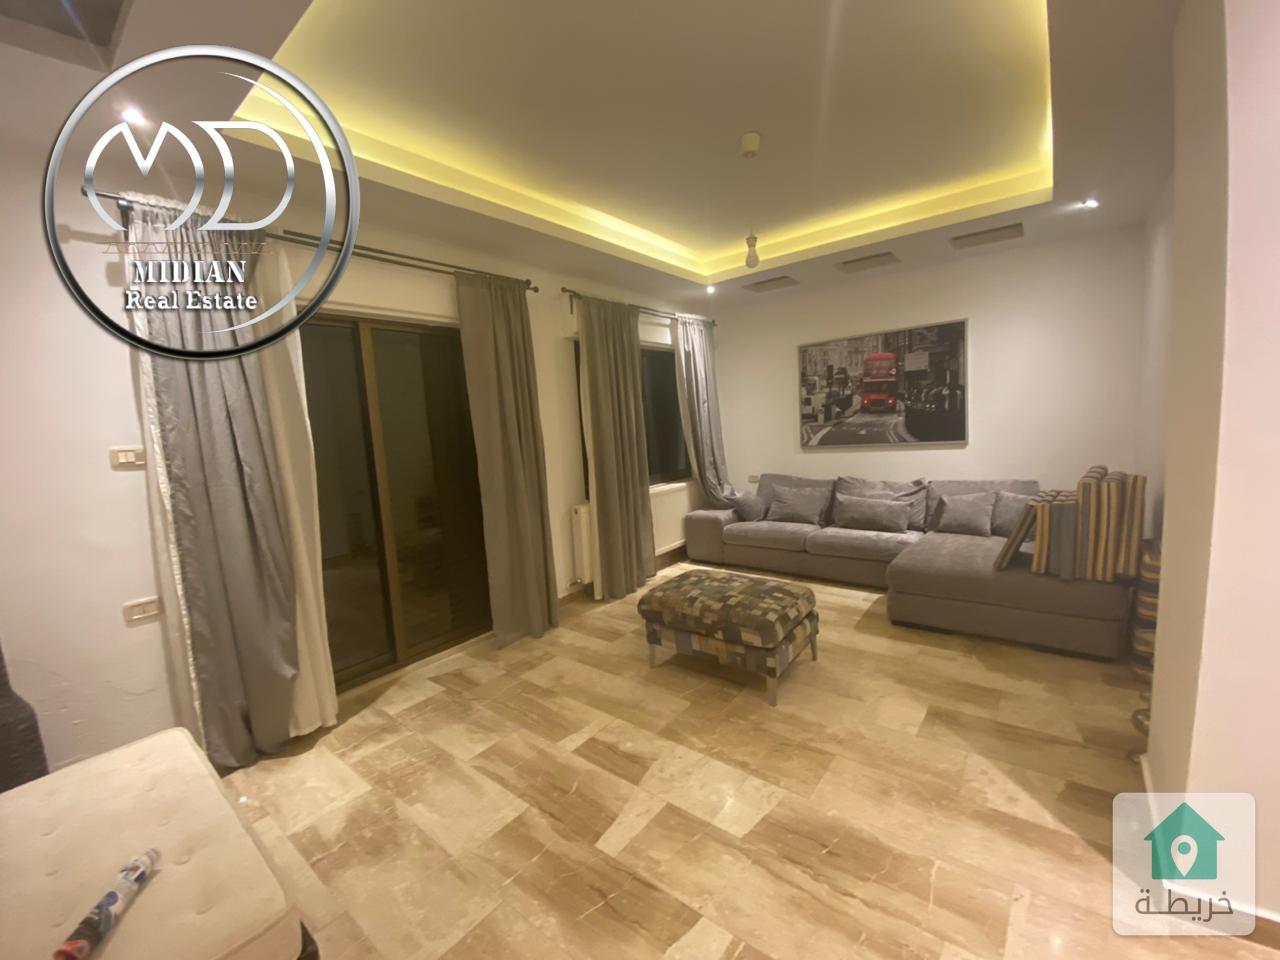 شقة شبه ارضي مفروشة للايجار دابوق مساحة 150م مع ترس 60م سوبر ديلوكس